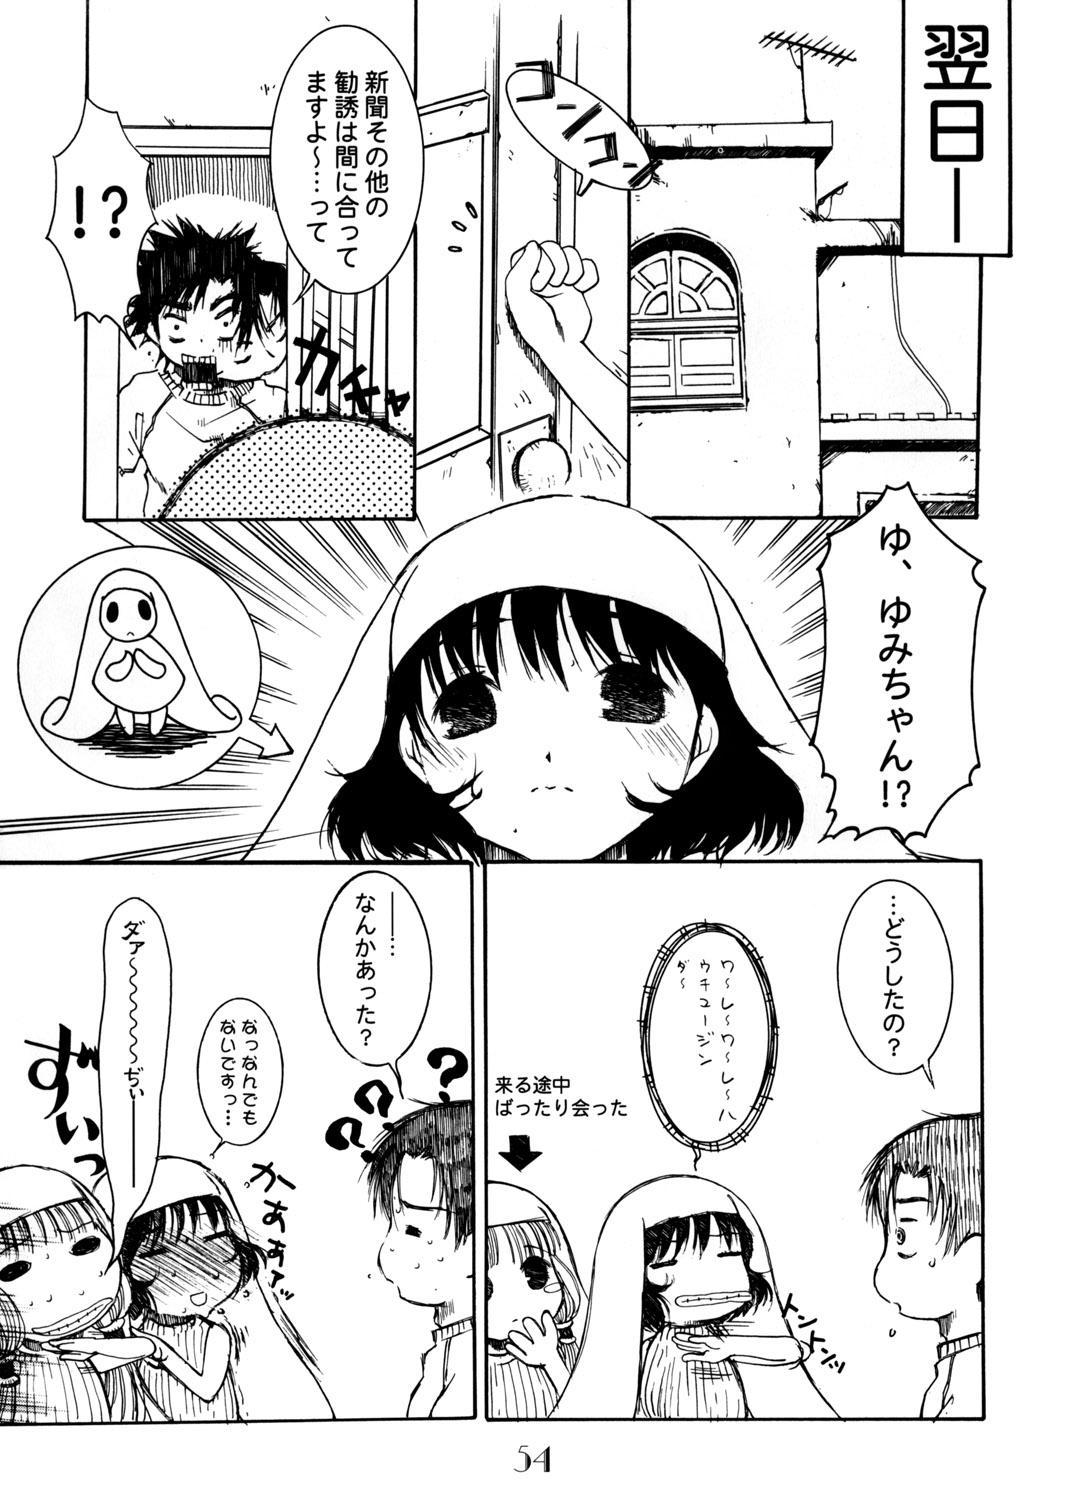 Slave Unit Vol.3 Hokka Hokka Musume 52